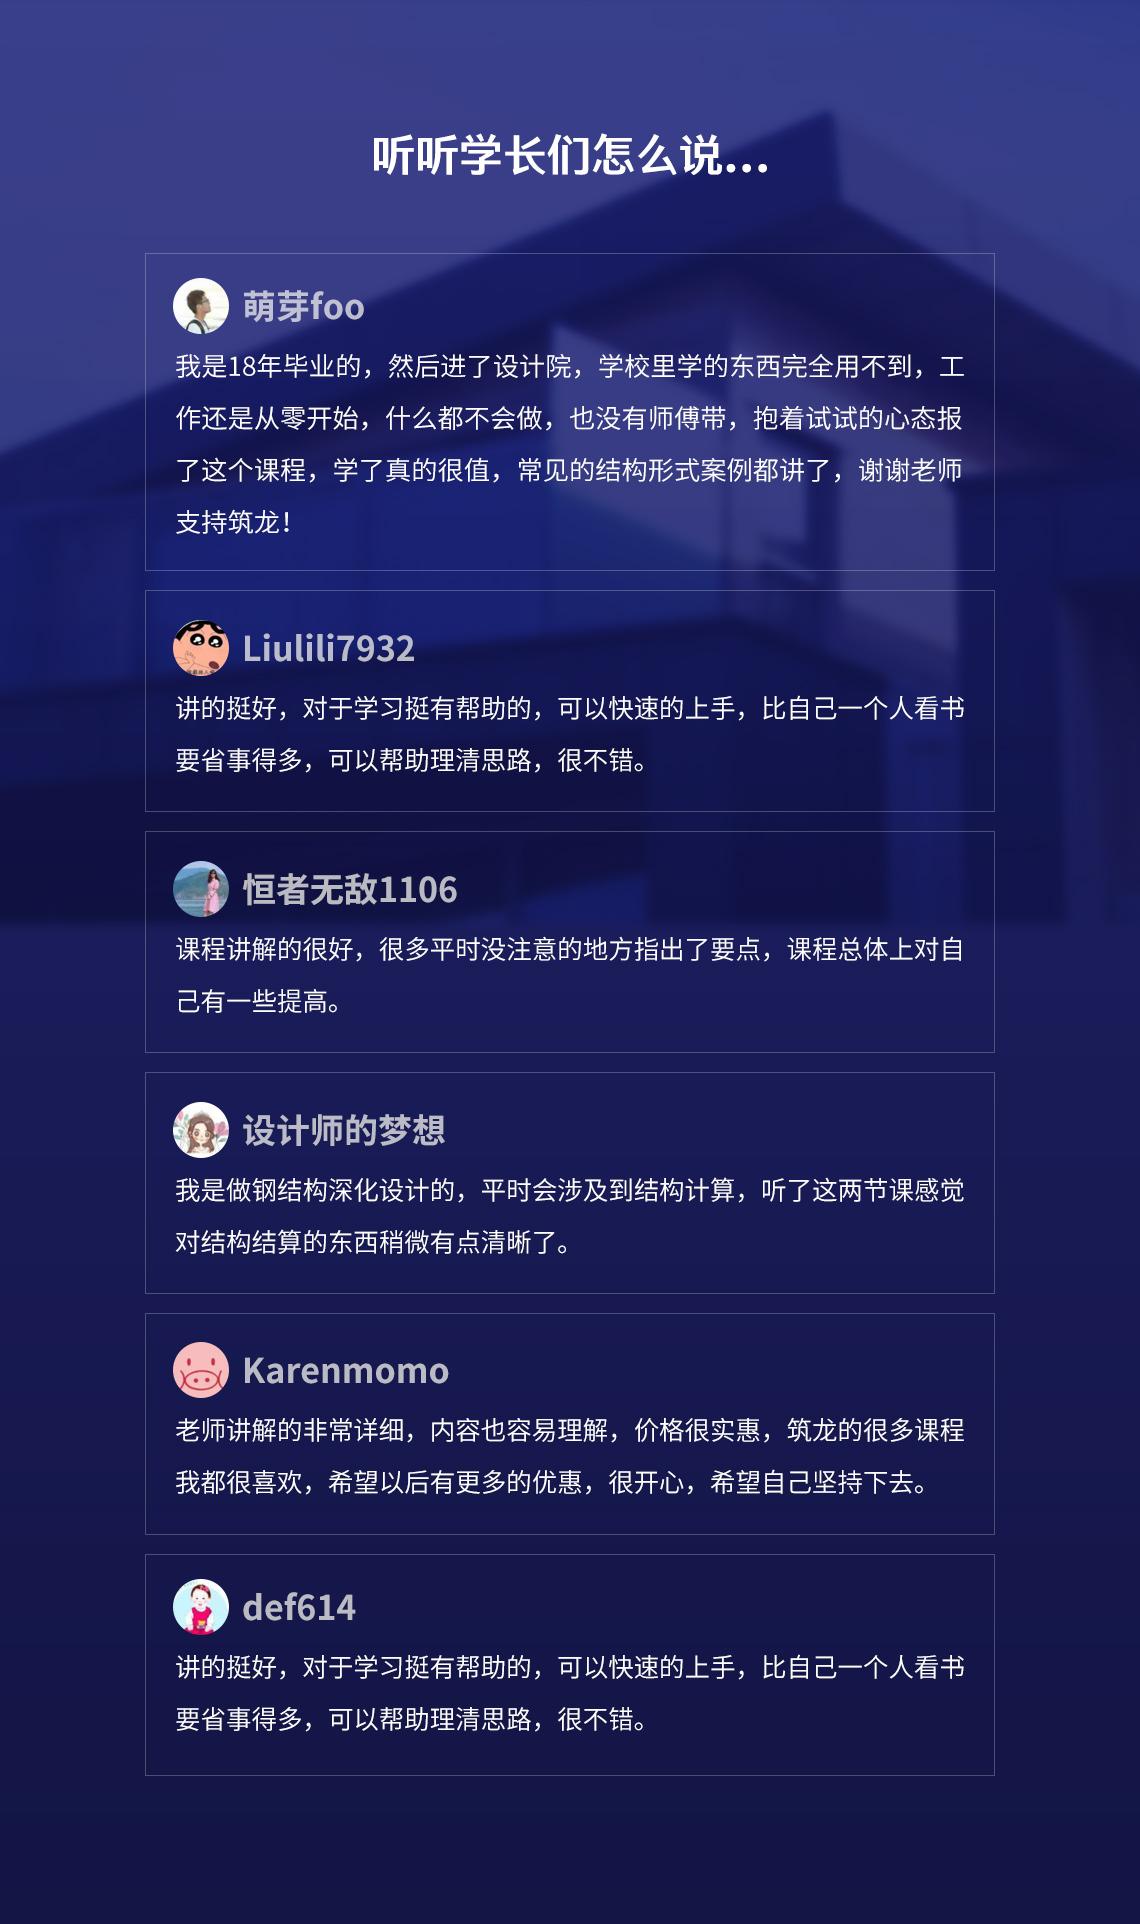 黄金城教育,中国黄金城行业教育高端品牌,结构设计全阶段实战套餐,全面教授4大结构设计类型要点,2个月即可独立做设计,完成计算和出图。